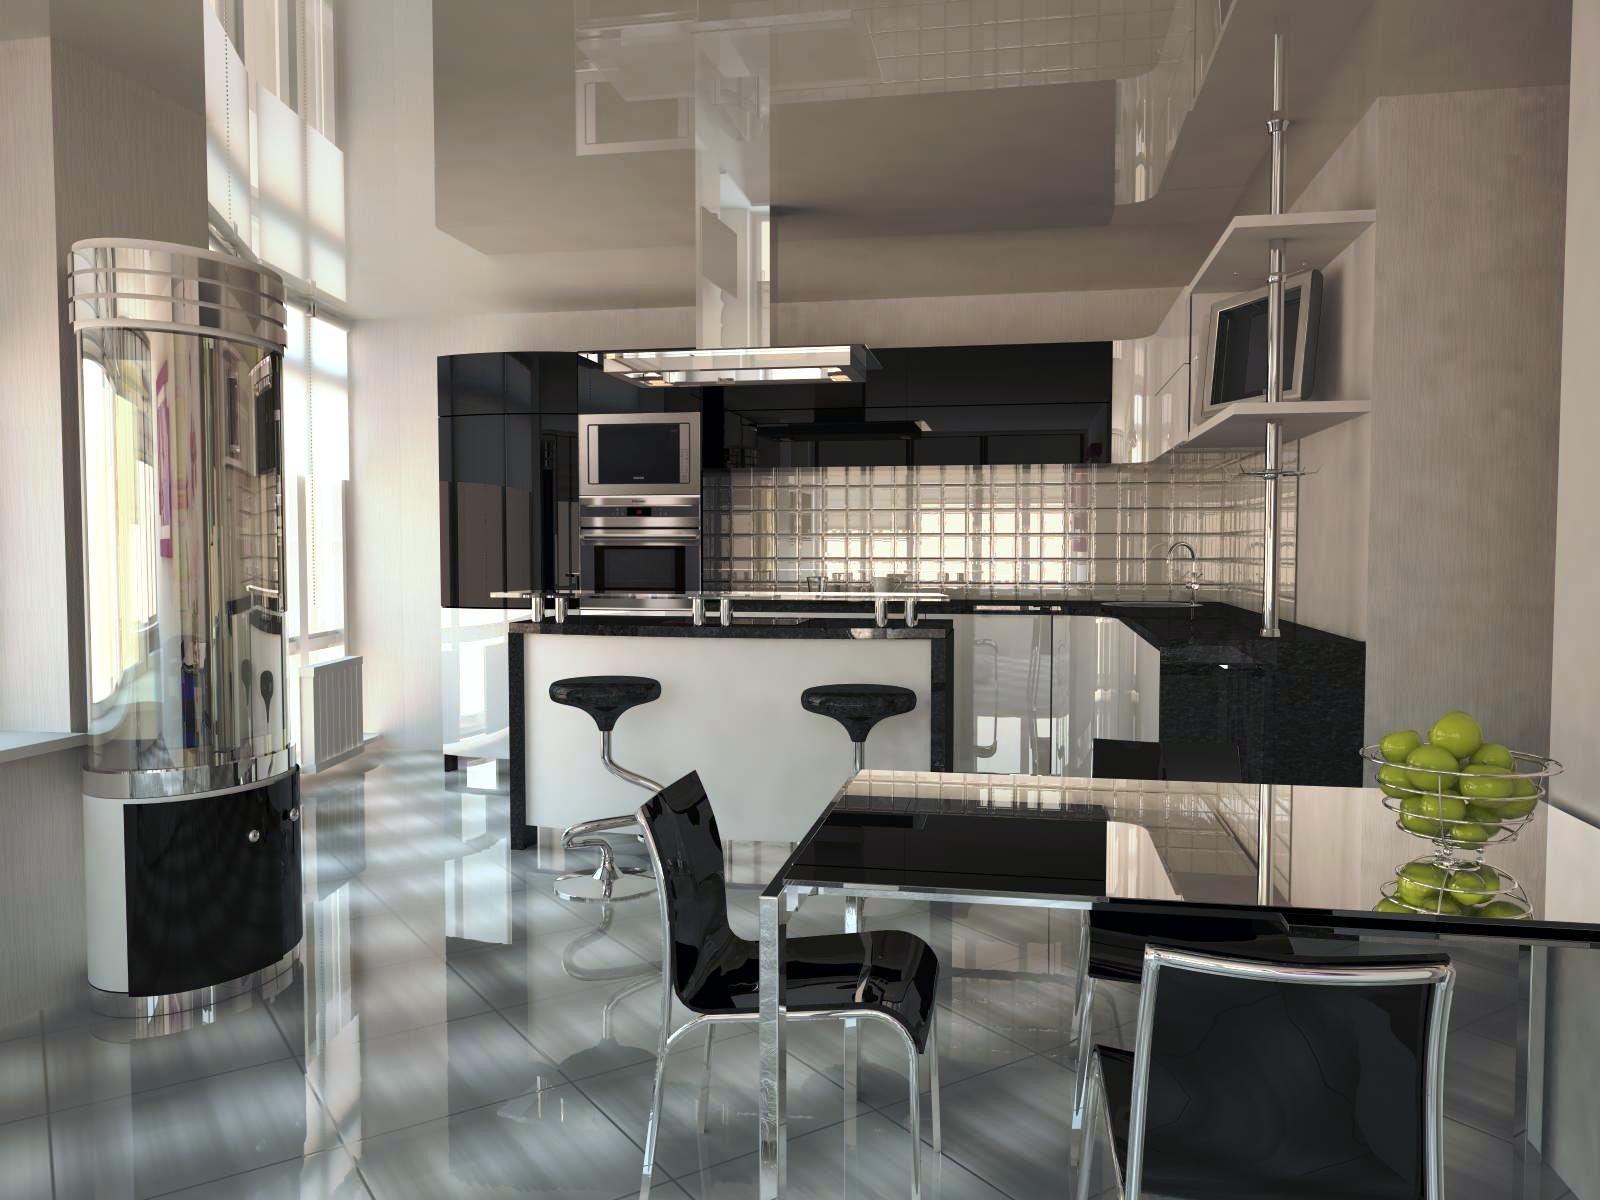 кухня студия принципы зонирования и виды планировок 40 фото